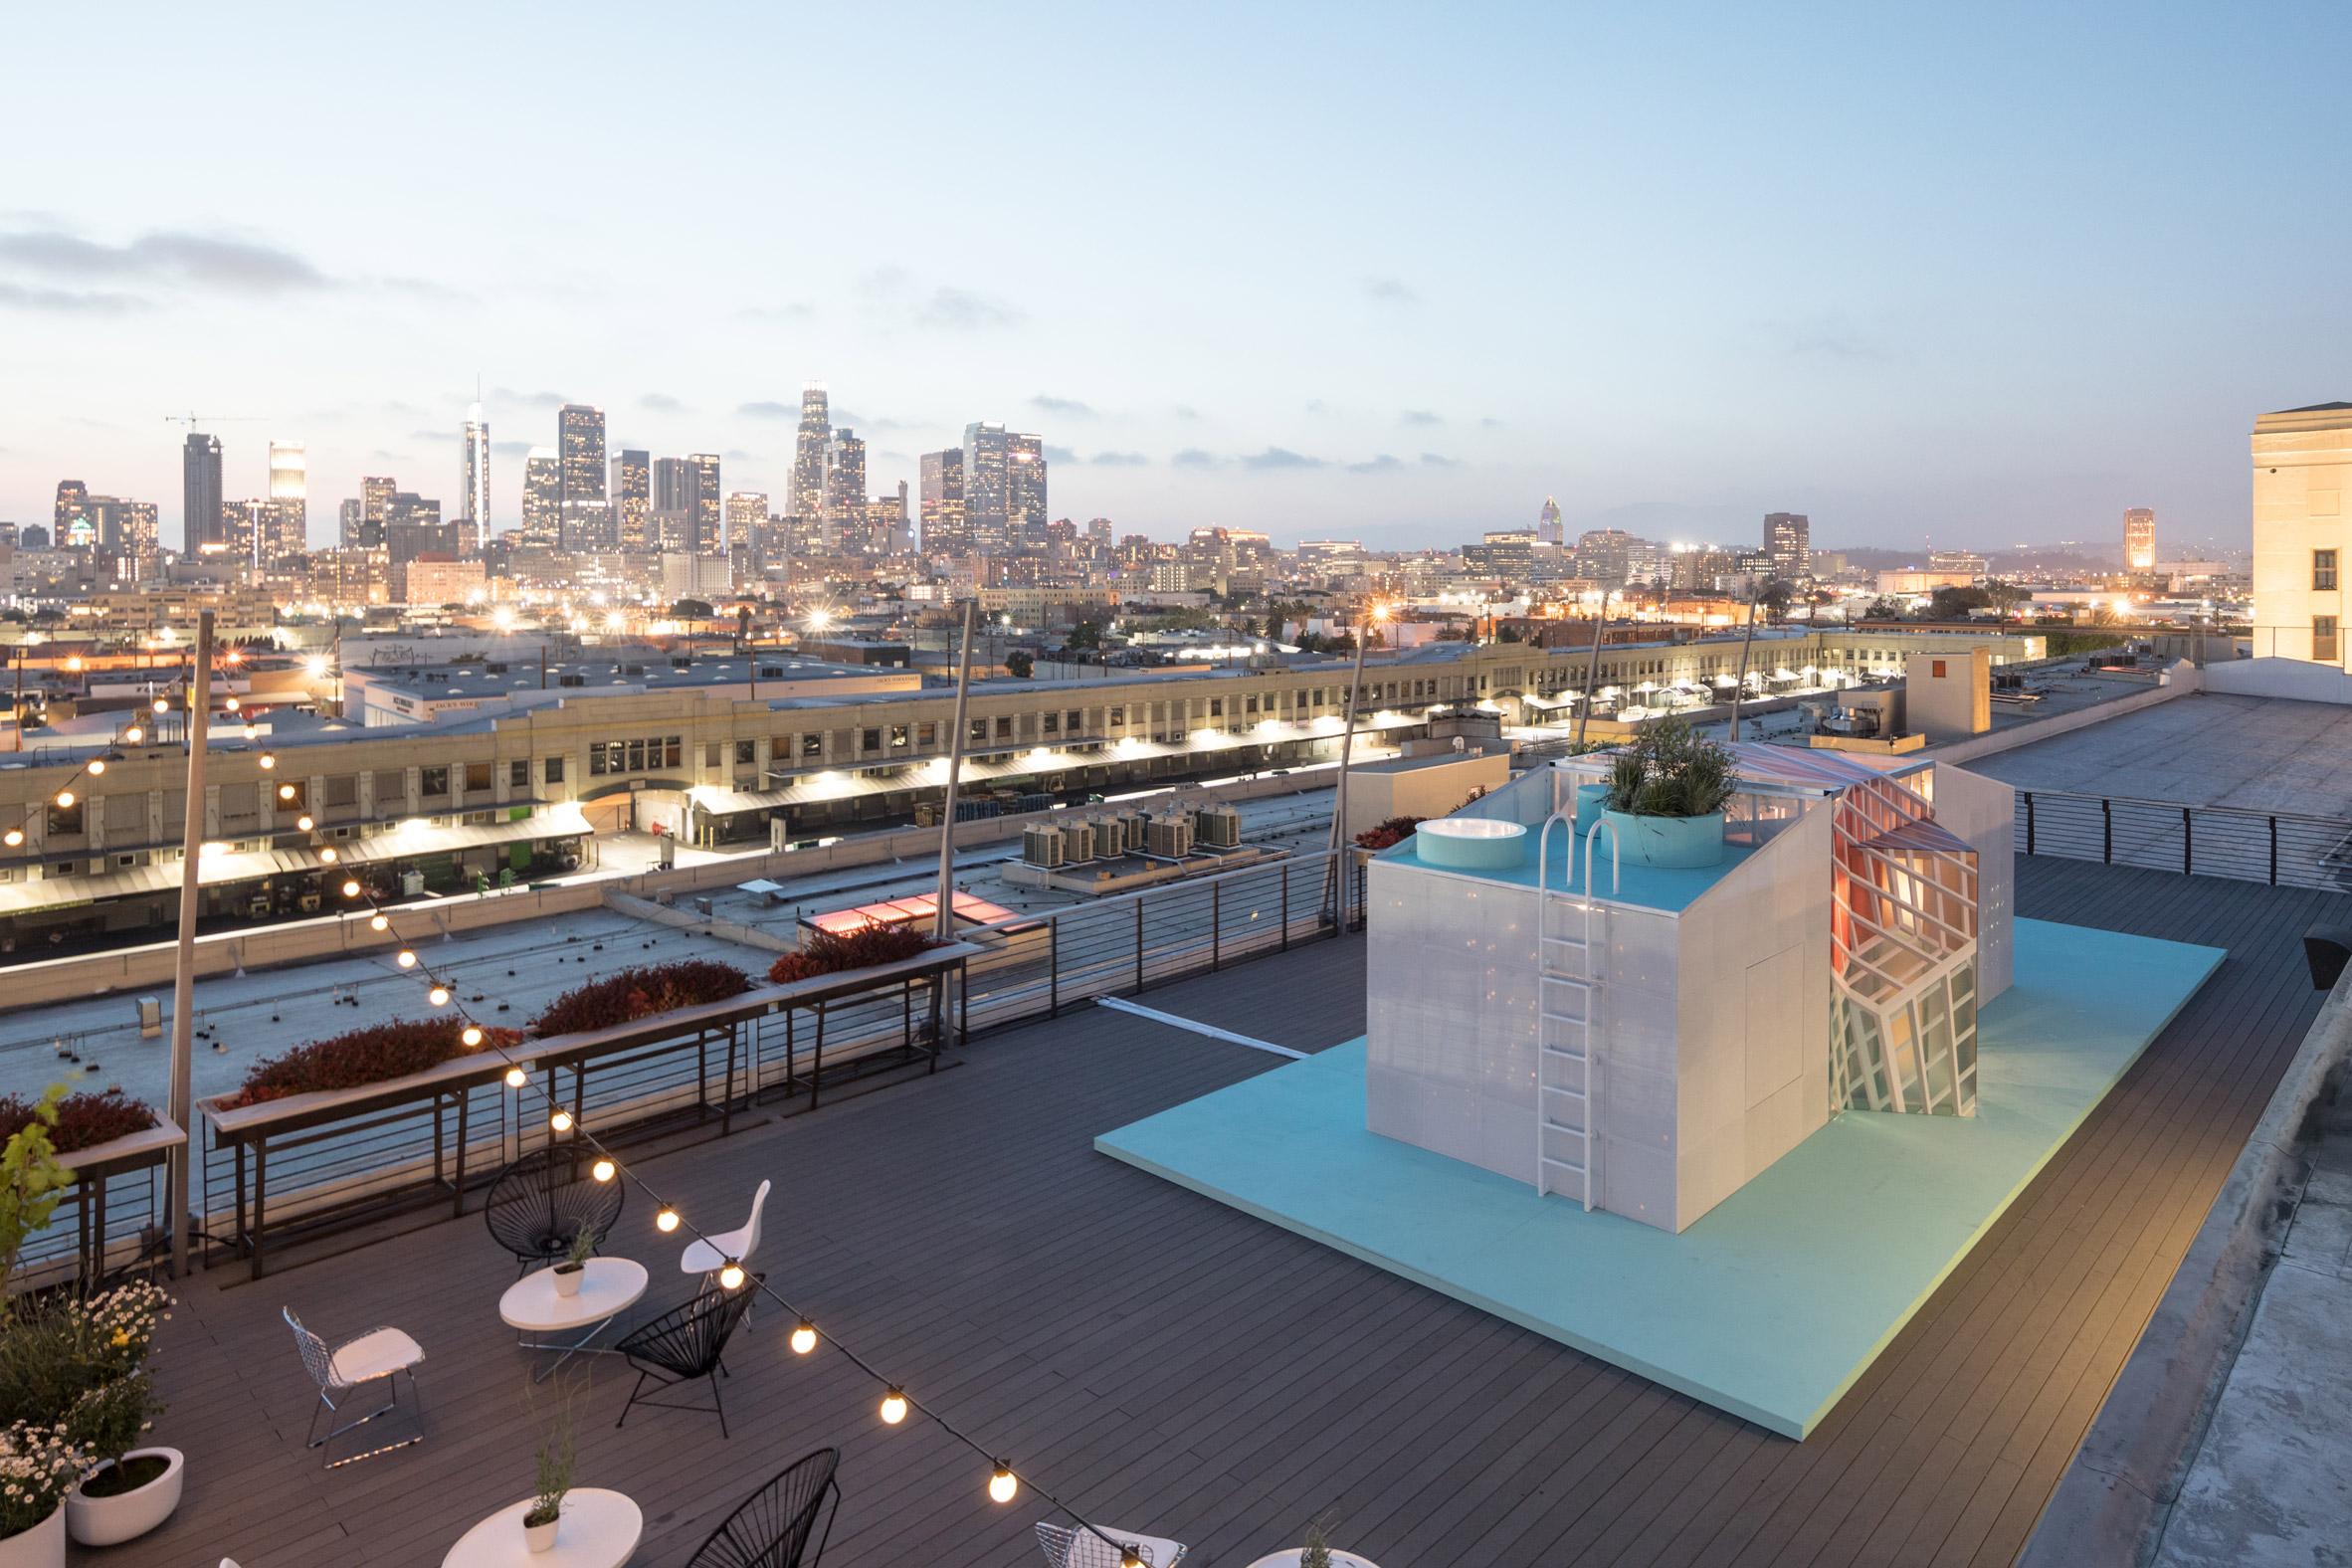 The MINI LIVING Urban Cabin from LA Design Festival 2018. Photo credit: Laurian Ghinitoiu, courtesy of    Dezeen x MINI LIVING